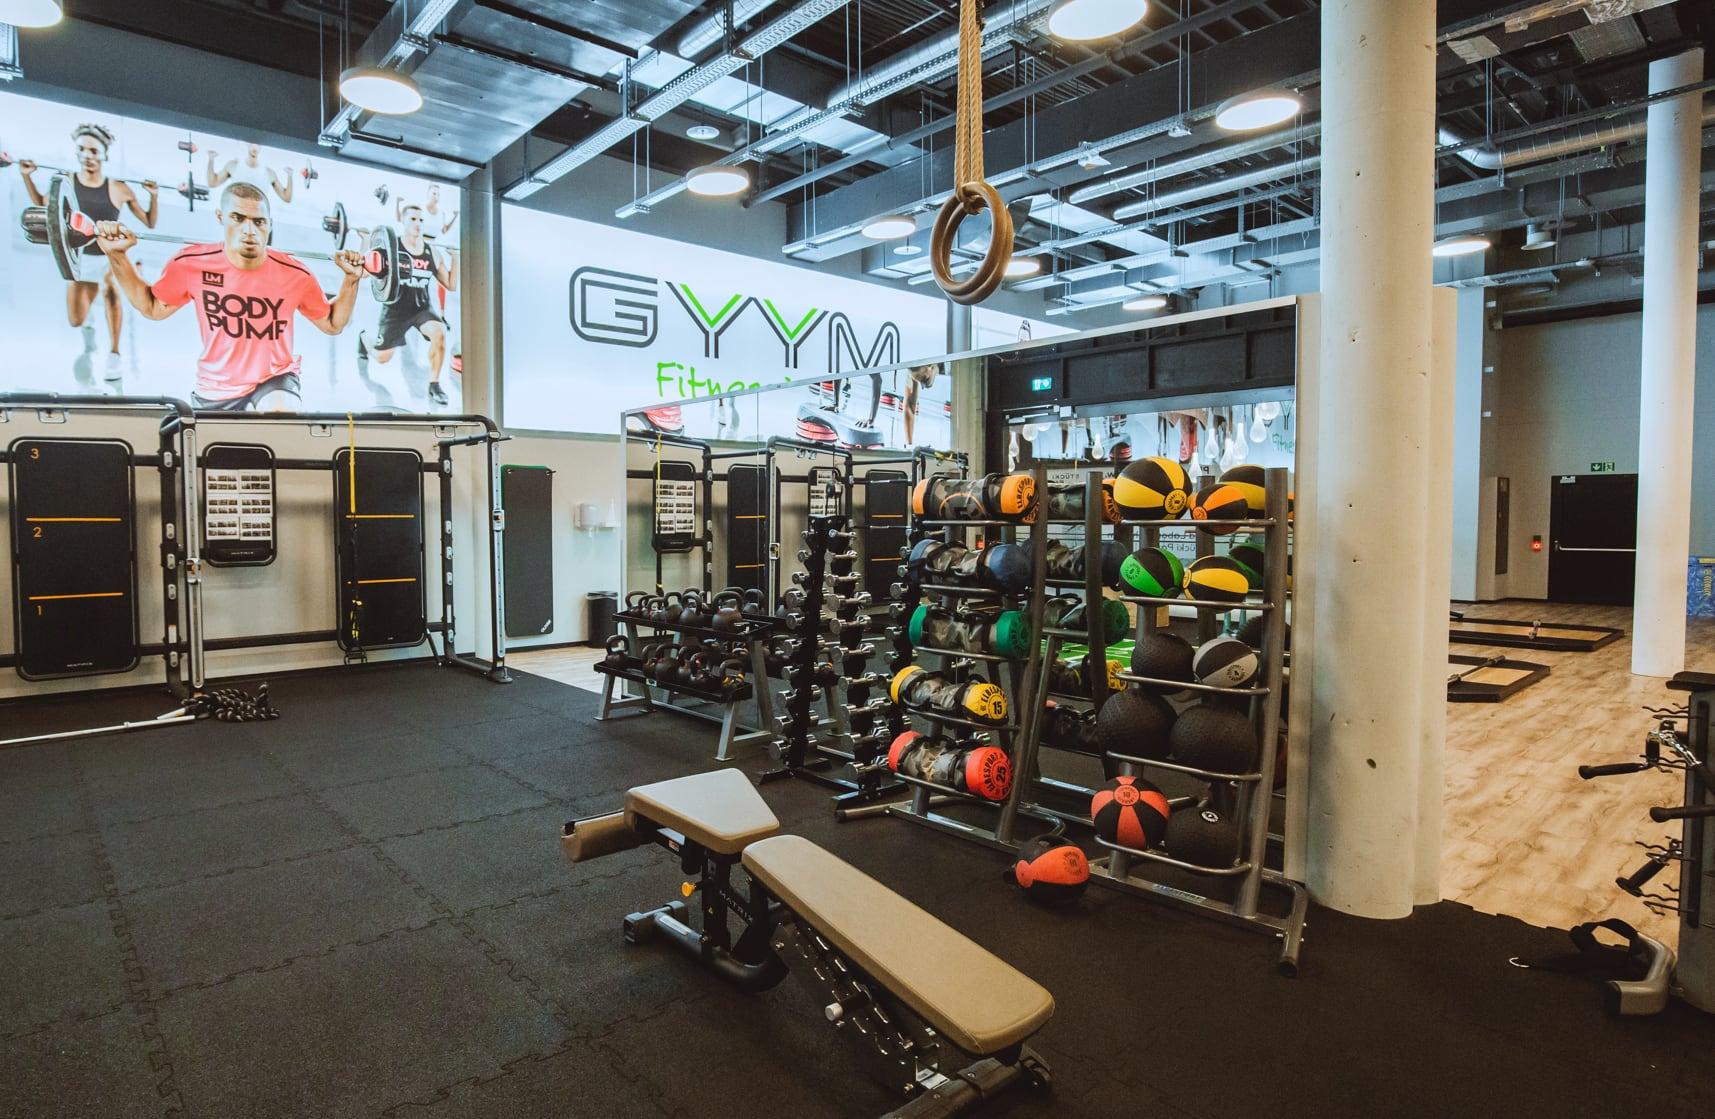 GYYM Fitness & Health